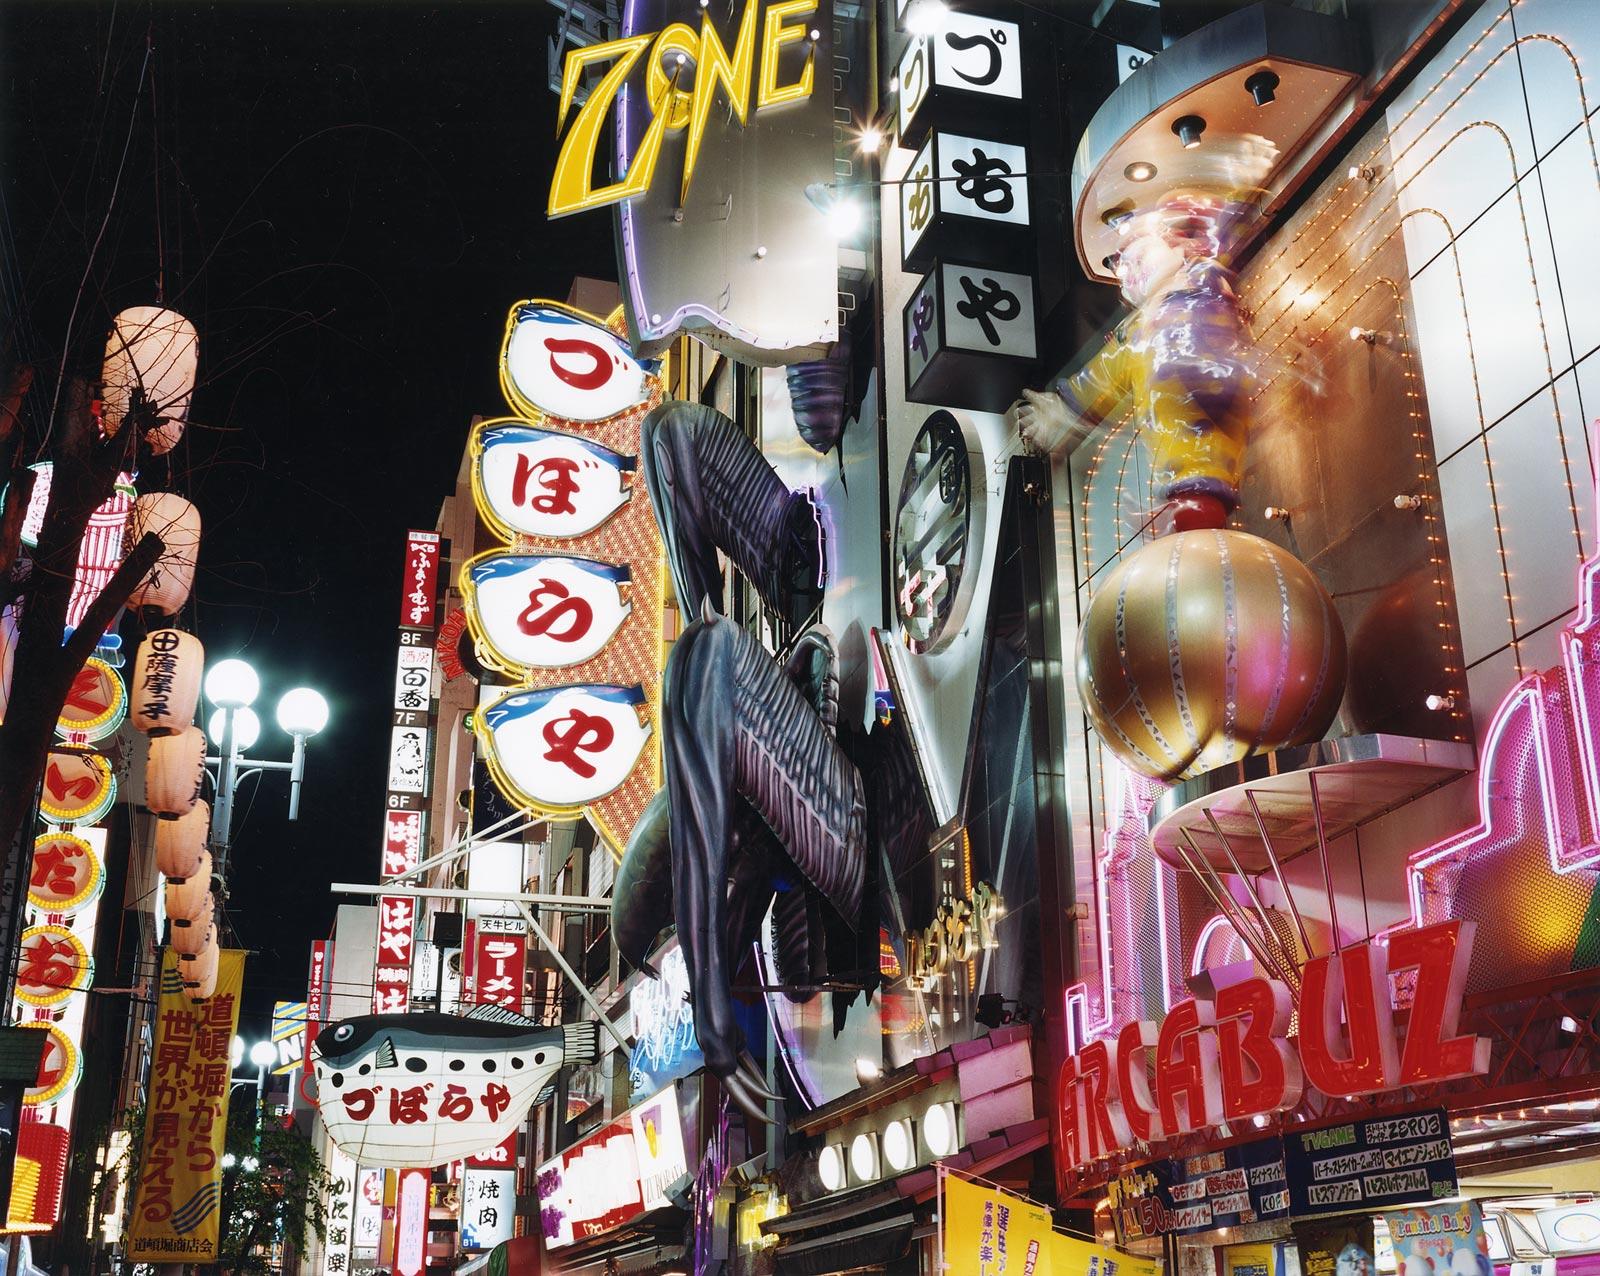 6年間都内の非常階段から景色を撮り続けた男 ― 猥雑で美しい 日本の街並み求めて ~佐藤信太郎インタビュー~の画像3